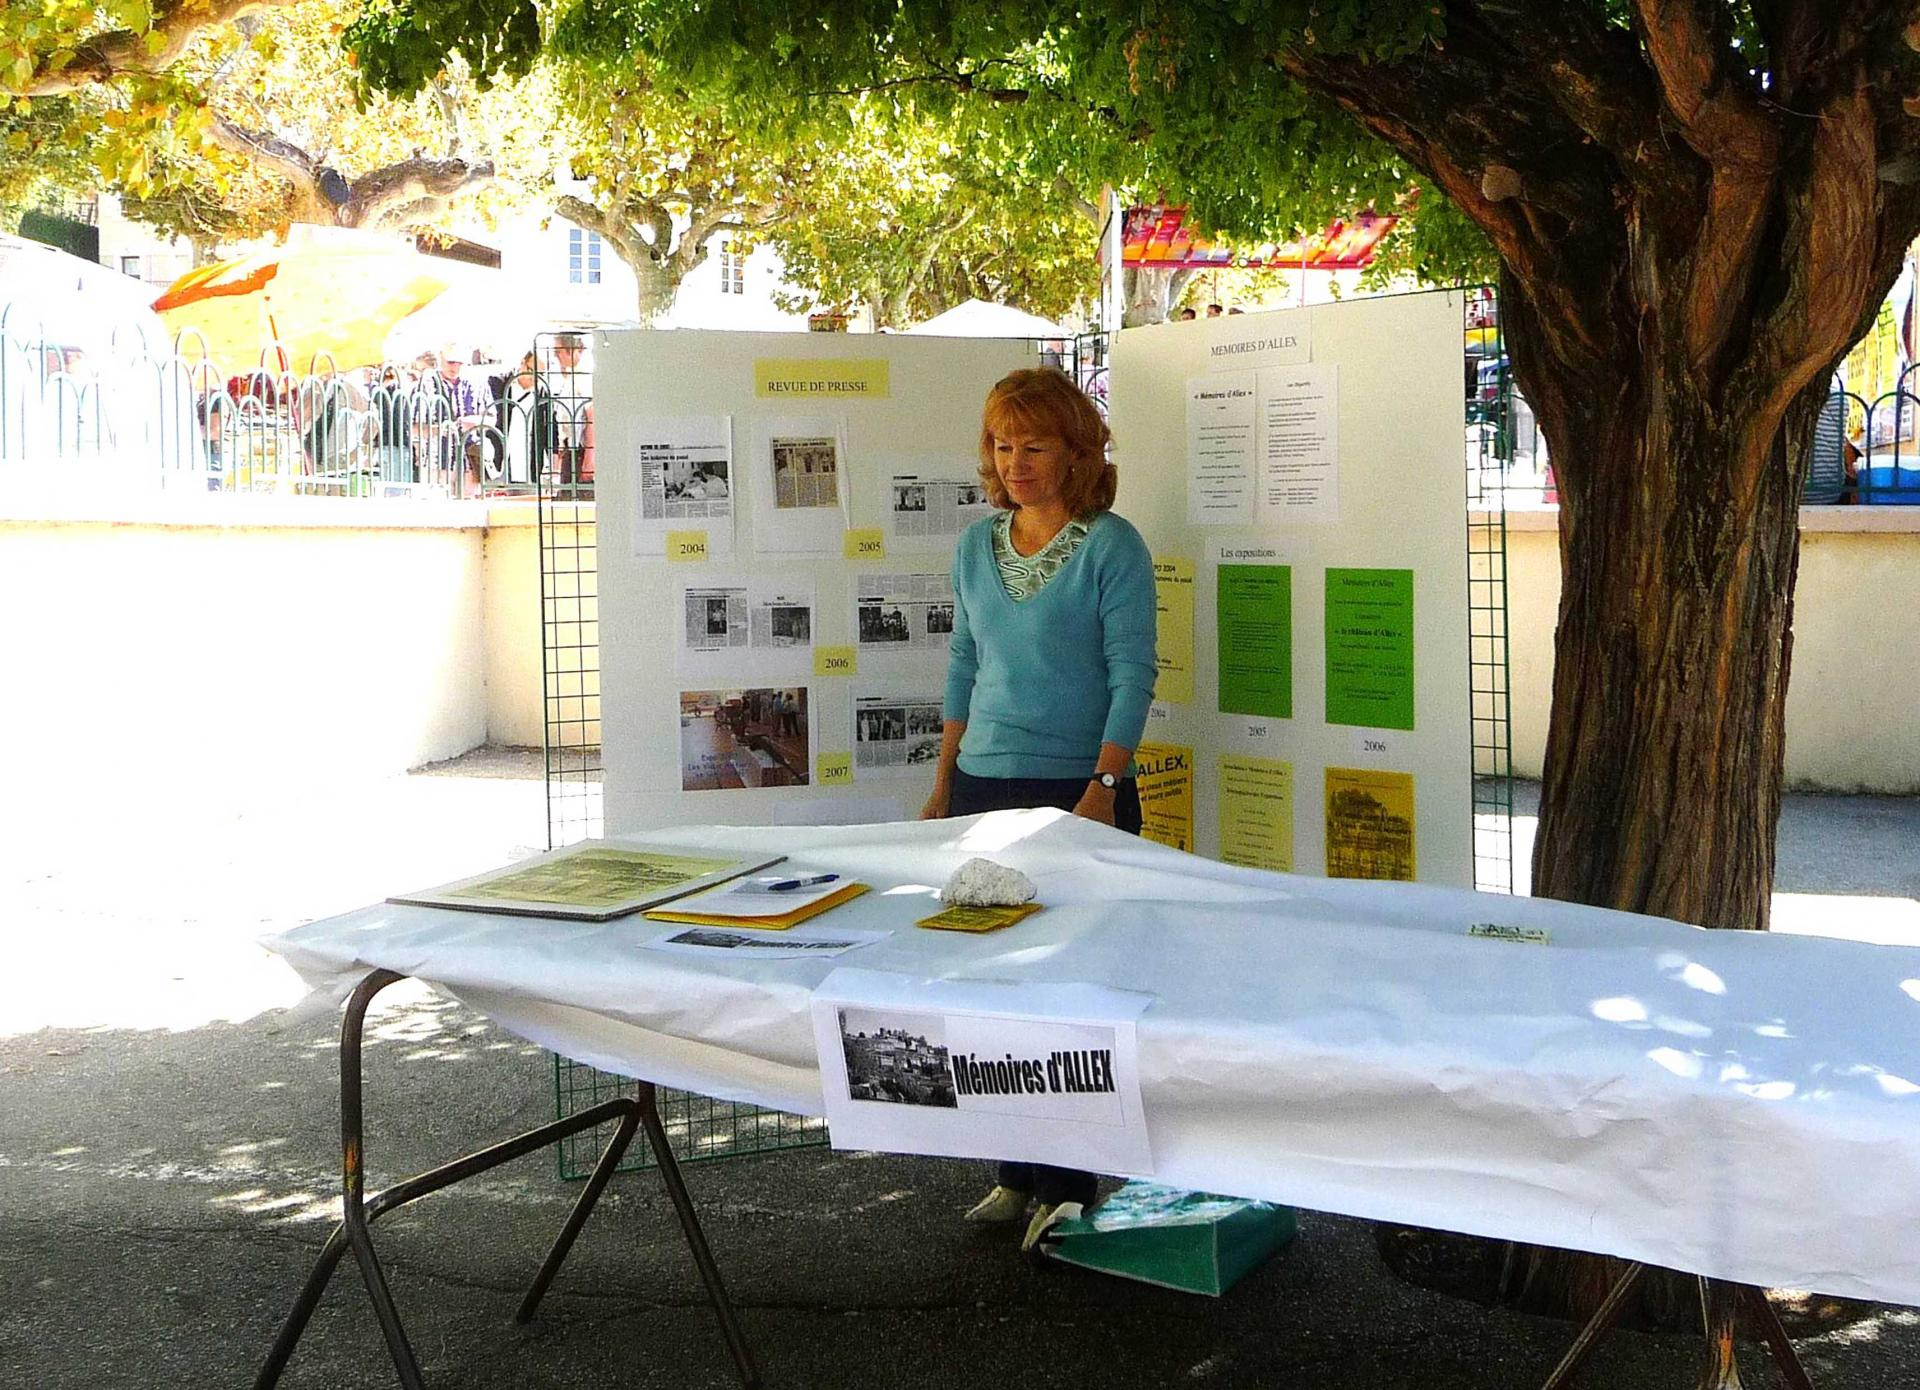 Presse memoires d allex forum des associations 2009 carole loukakis